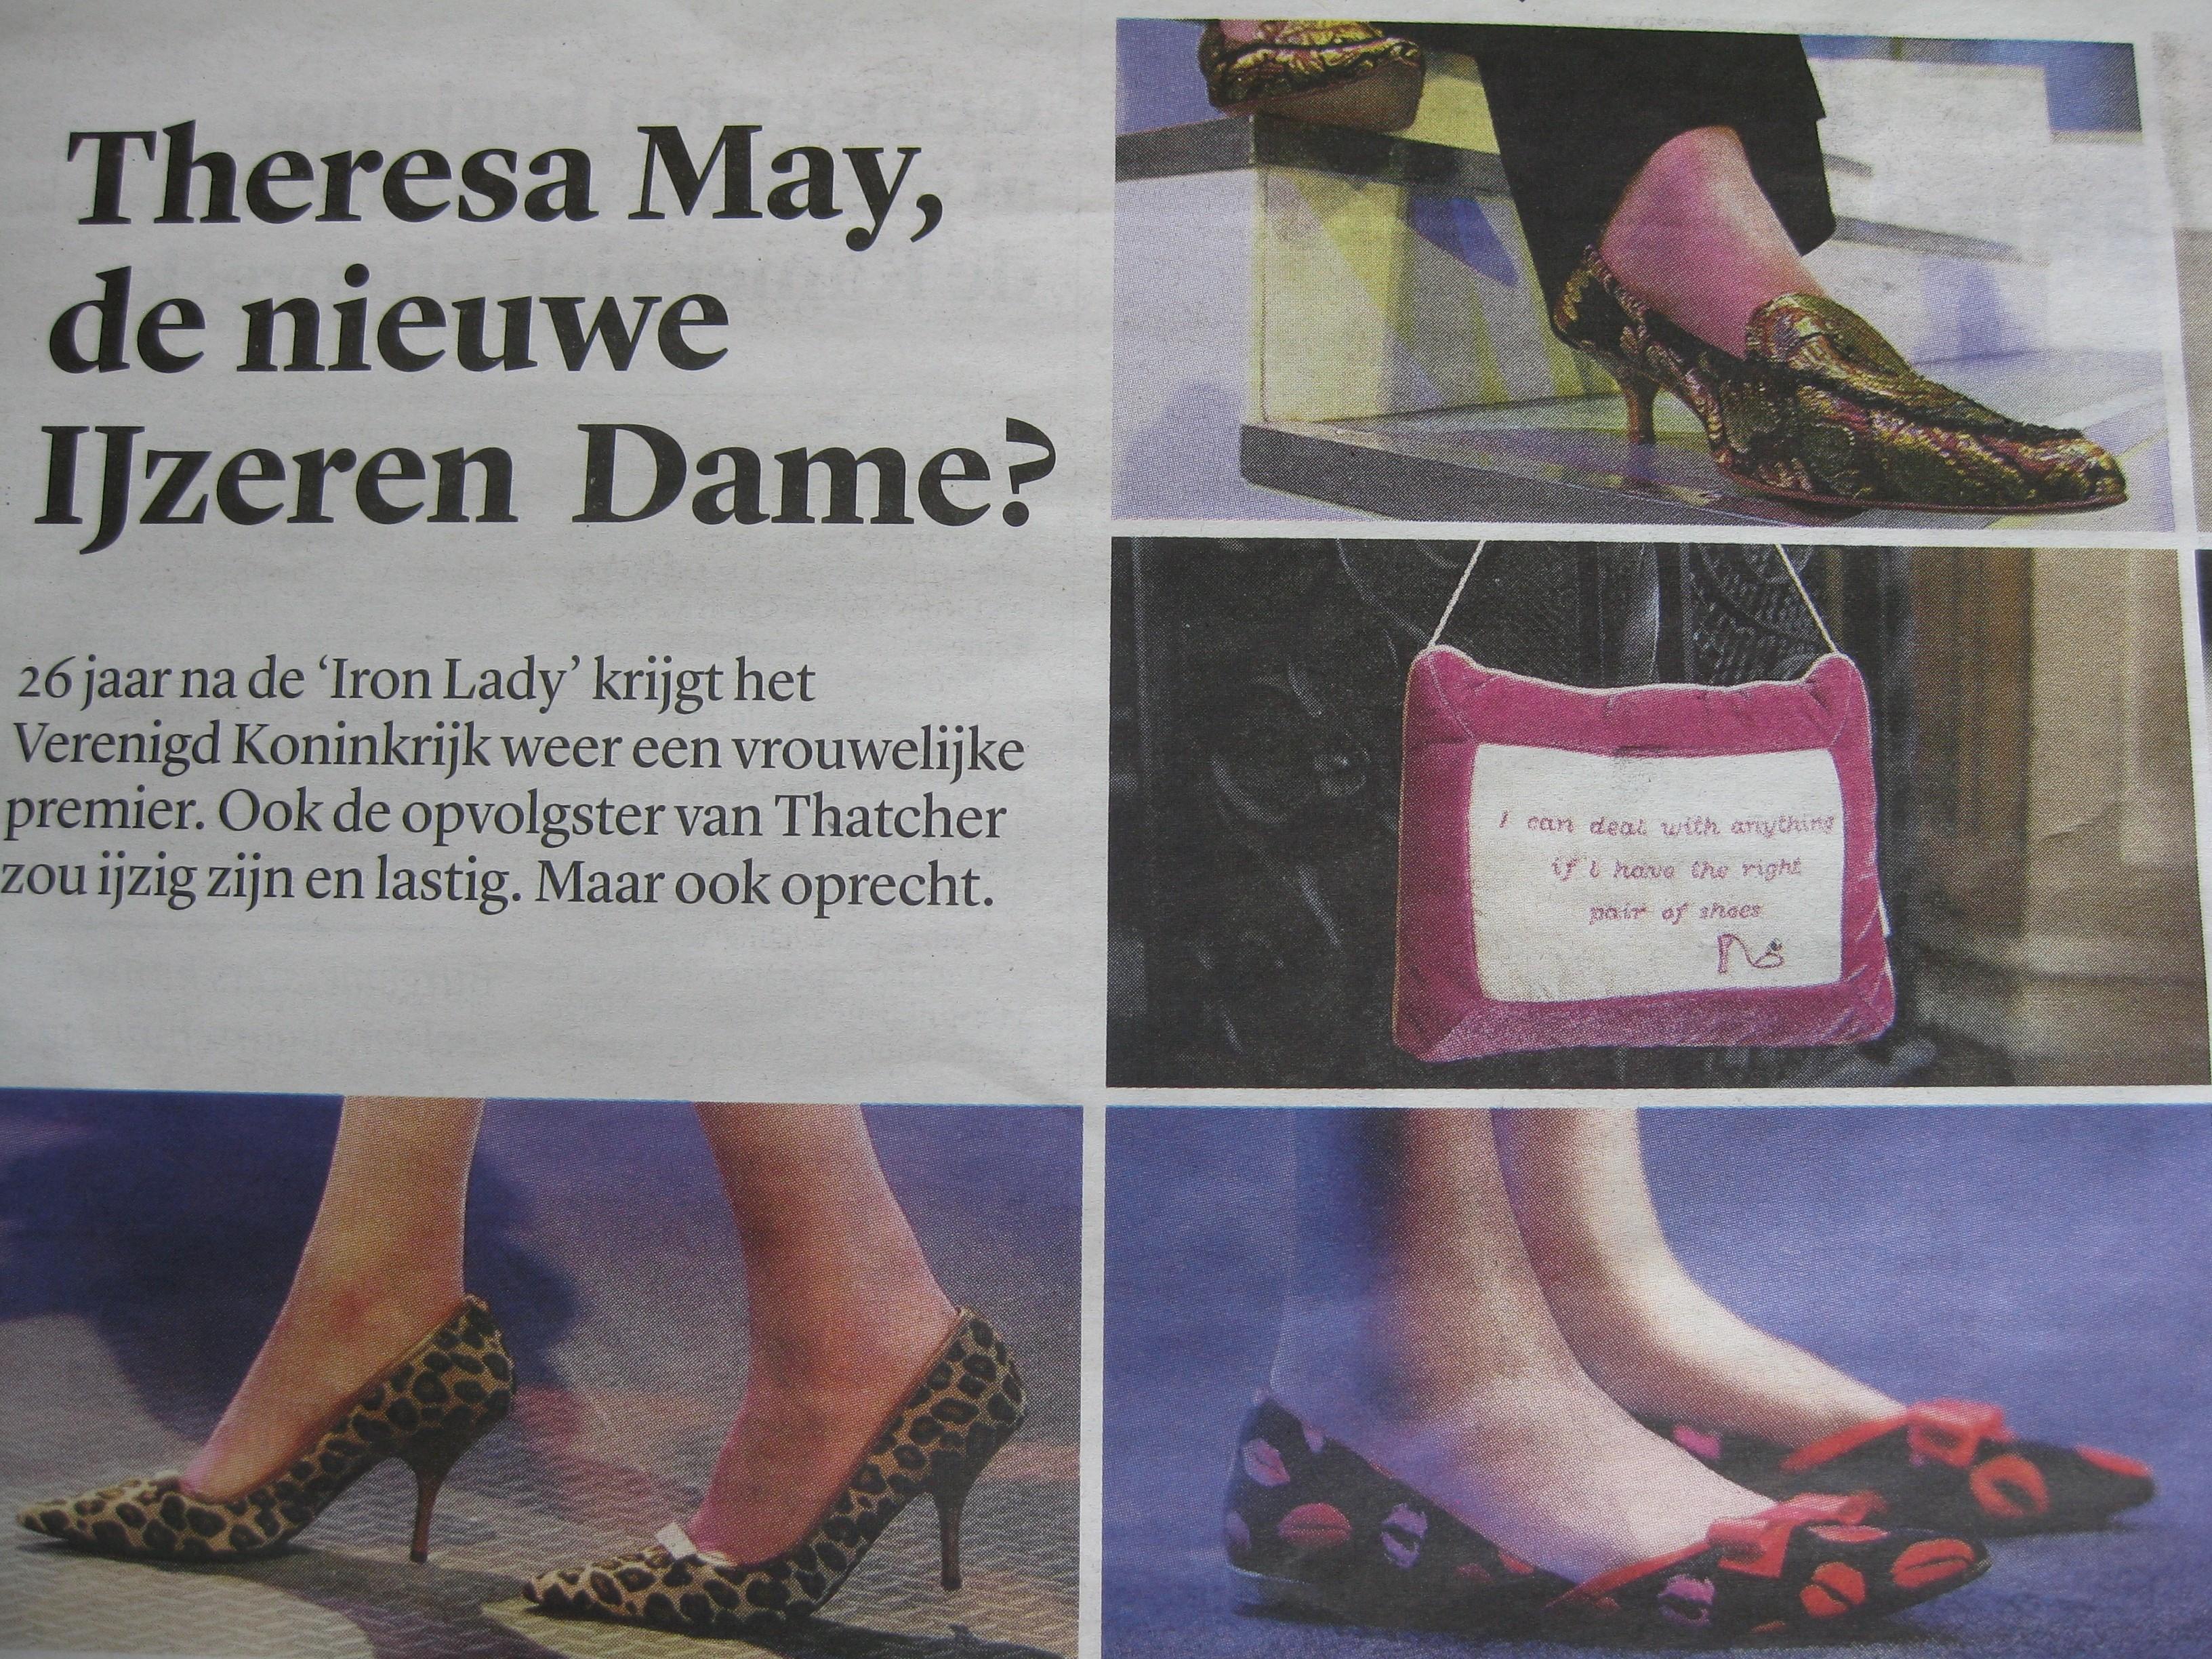 De schoenen van May